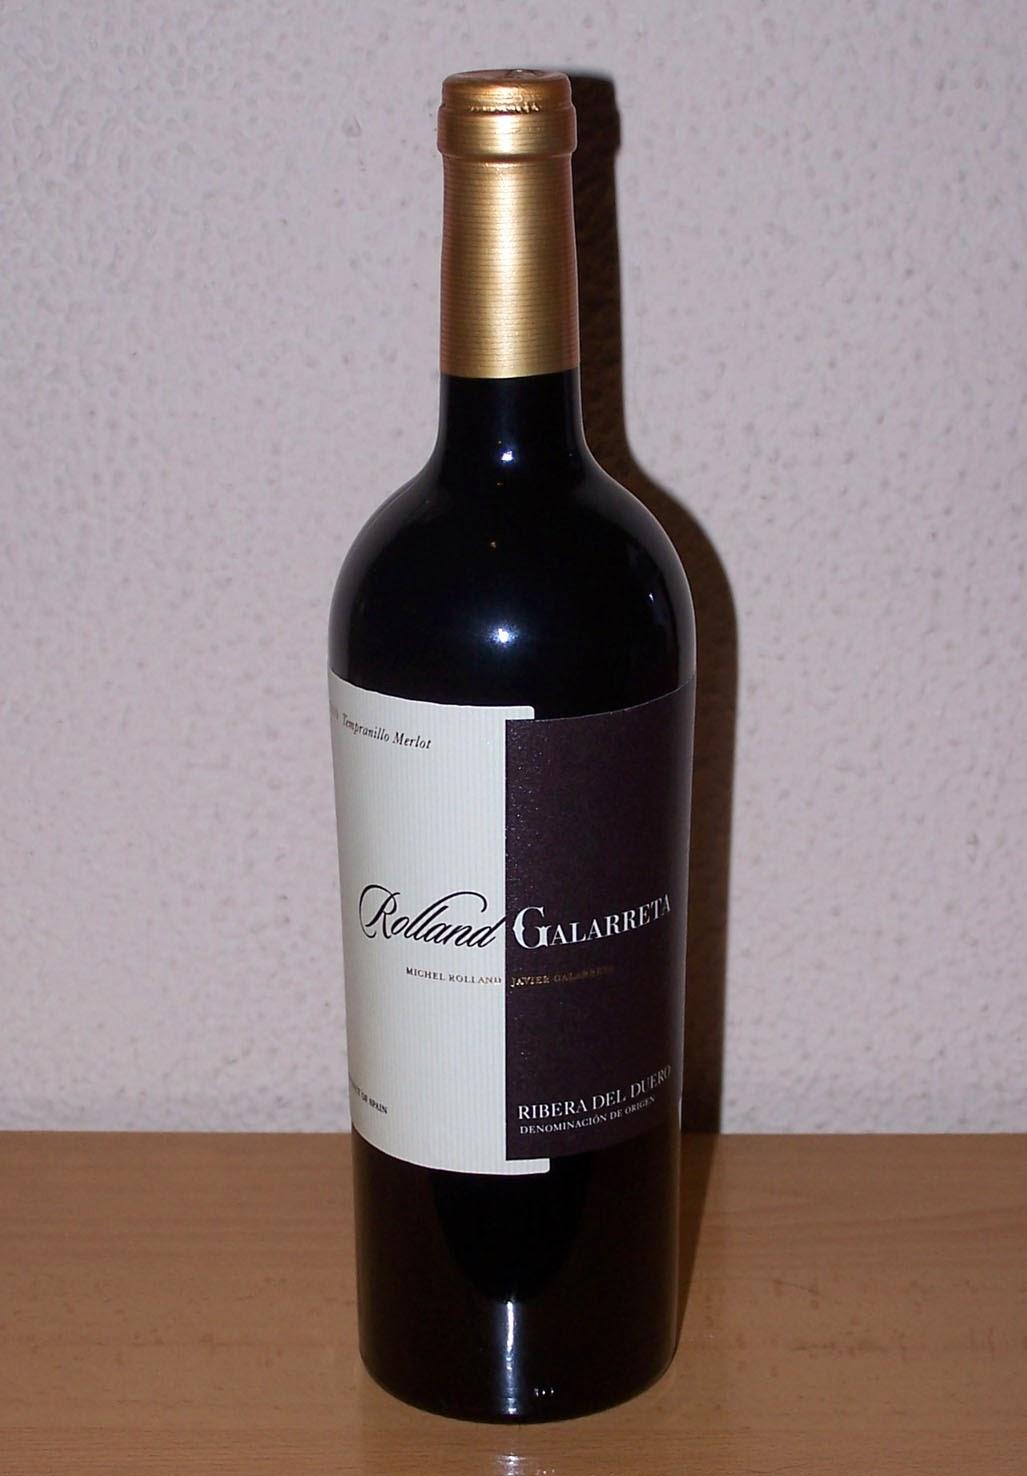 Rolland Galarreta 2010, D.o Ribera del Duero